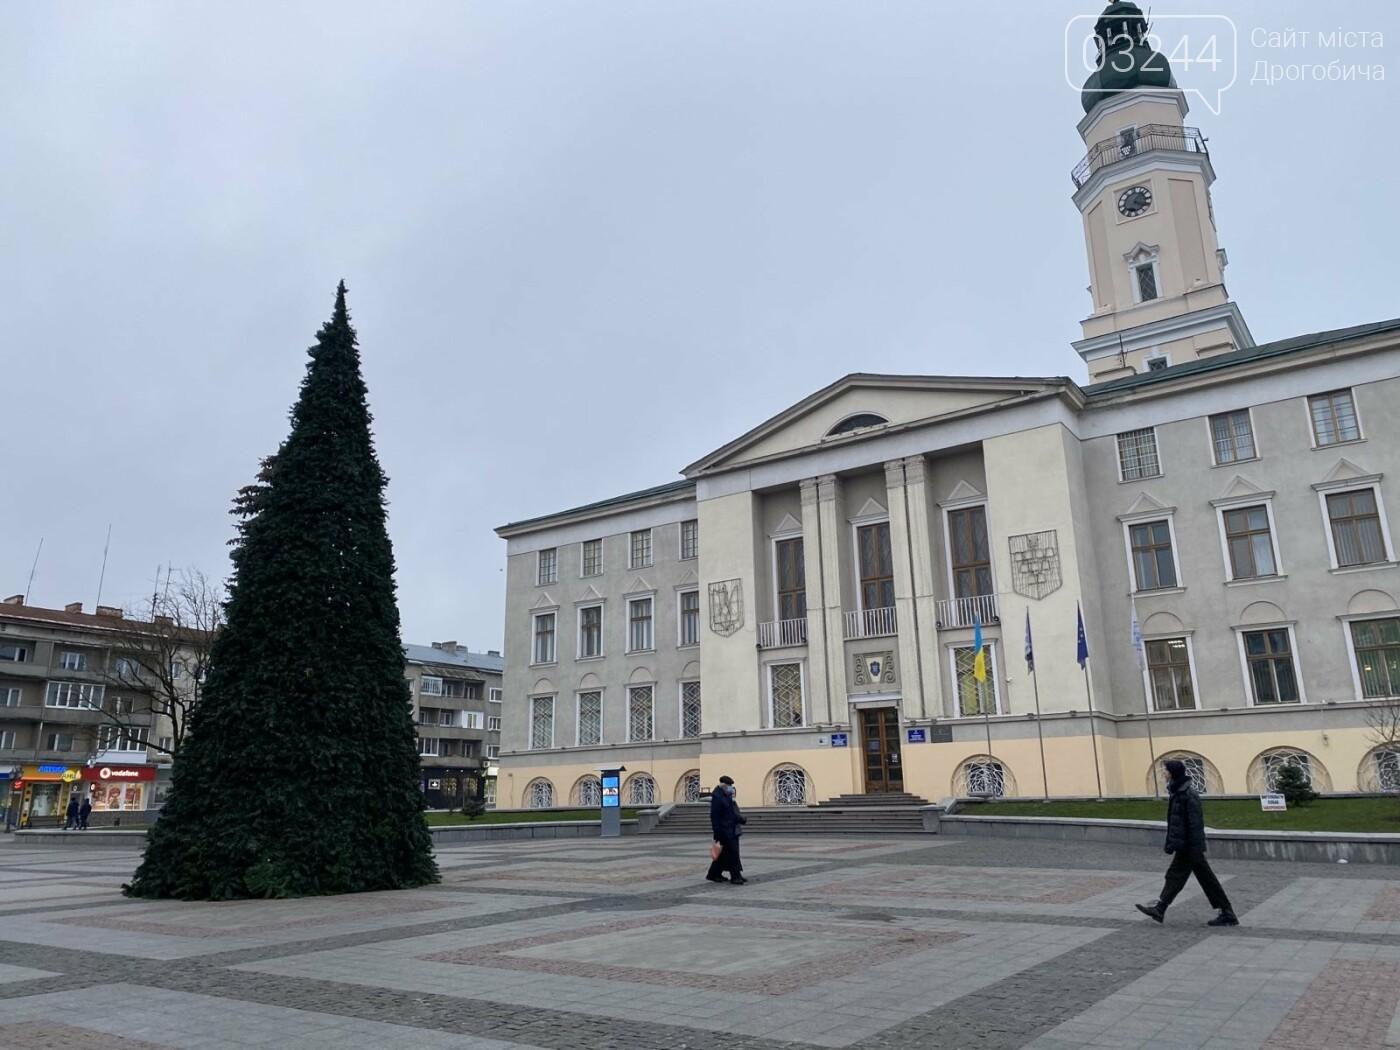 У Дрогобичі встановили новорічну ялинку, - ФОТО, фото-1